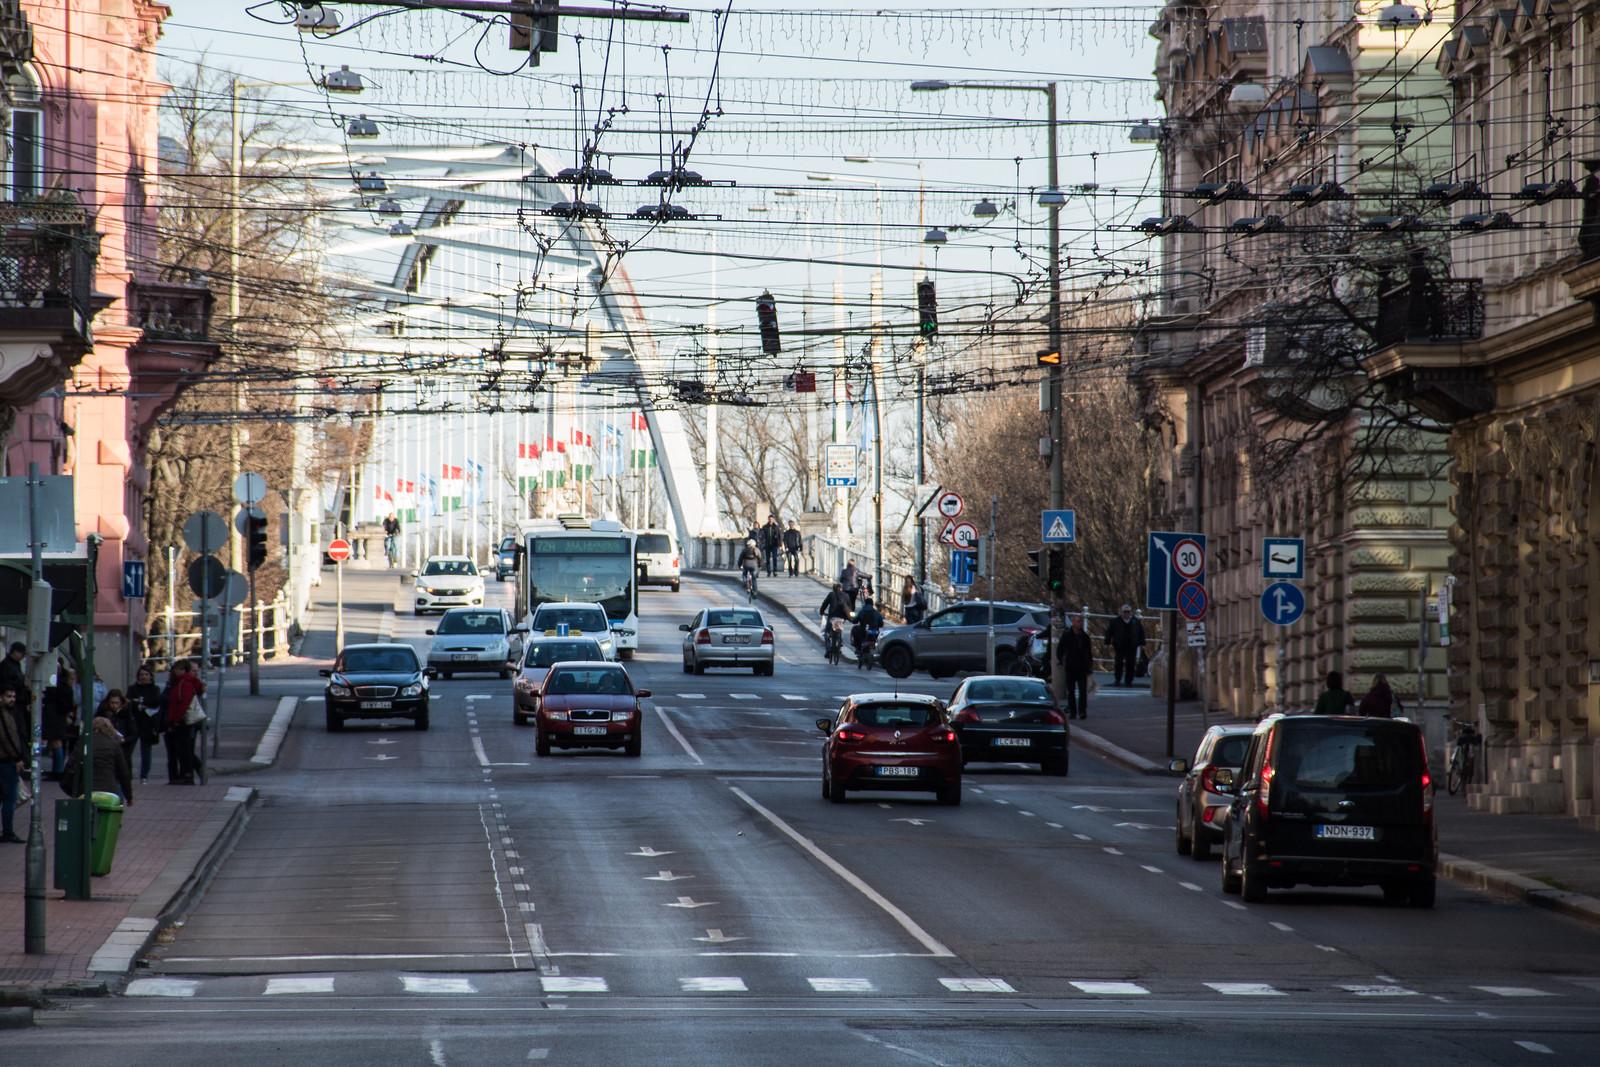 Fel annyi autó jár Szegeden a koronavírus miatt